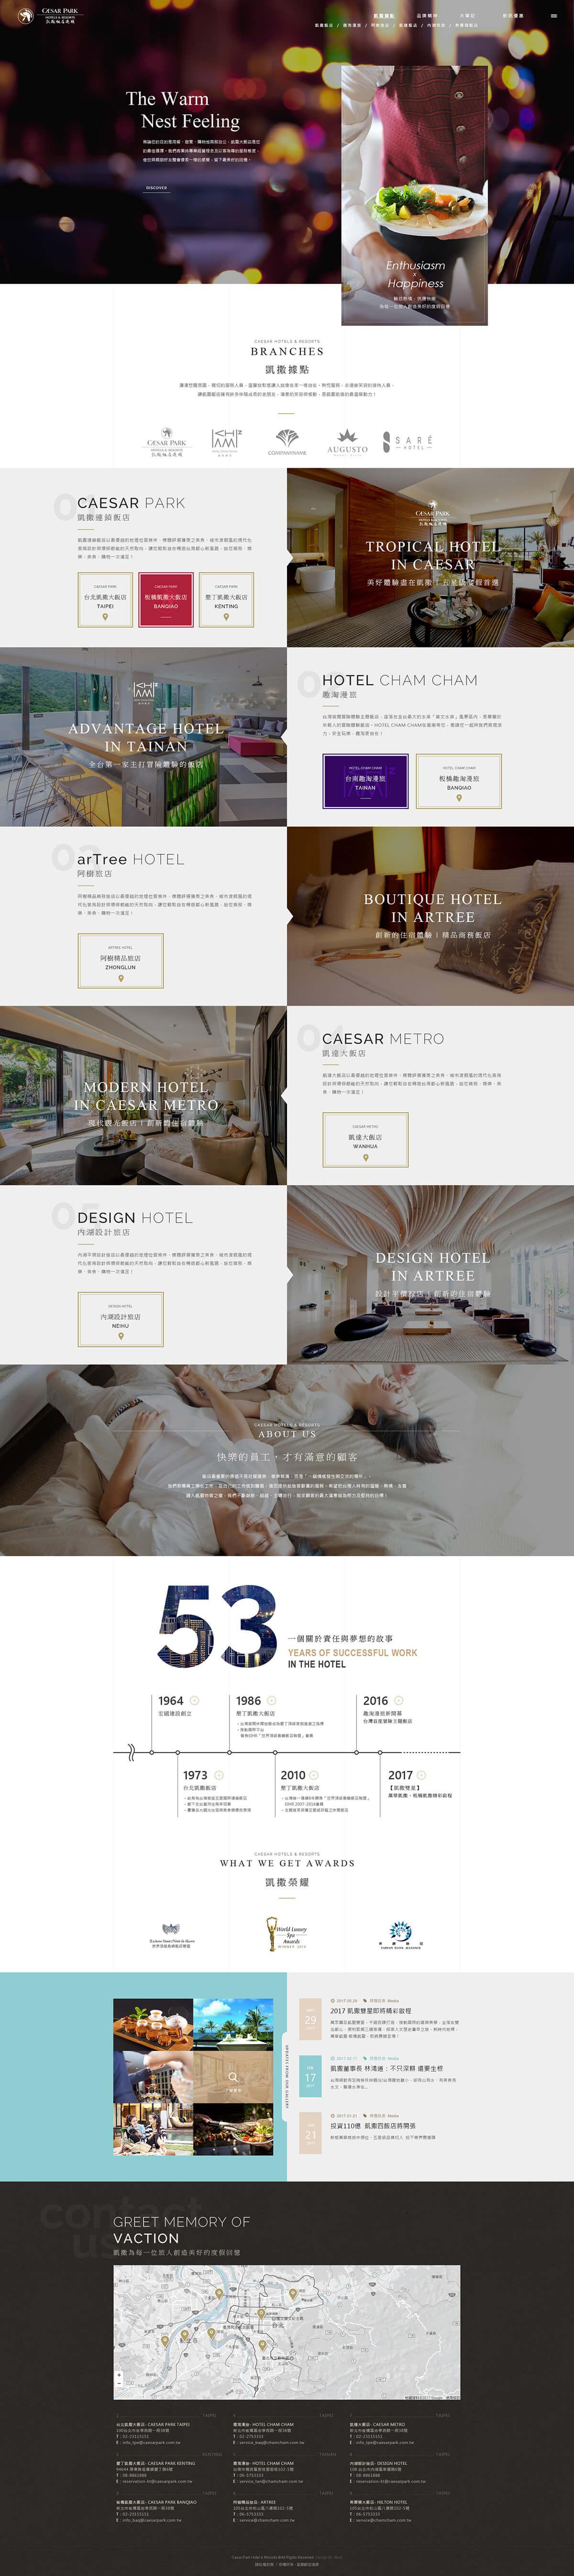 凱撒飯店連鎖-網頁設計